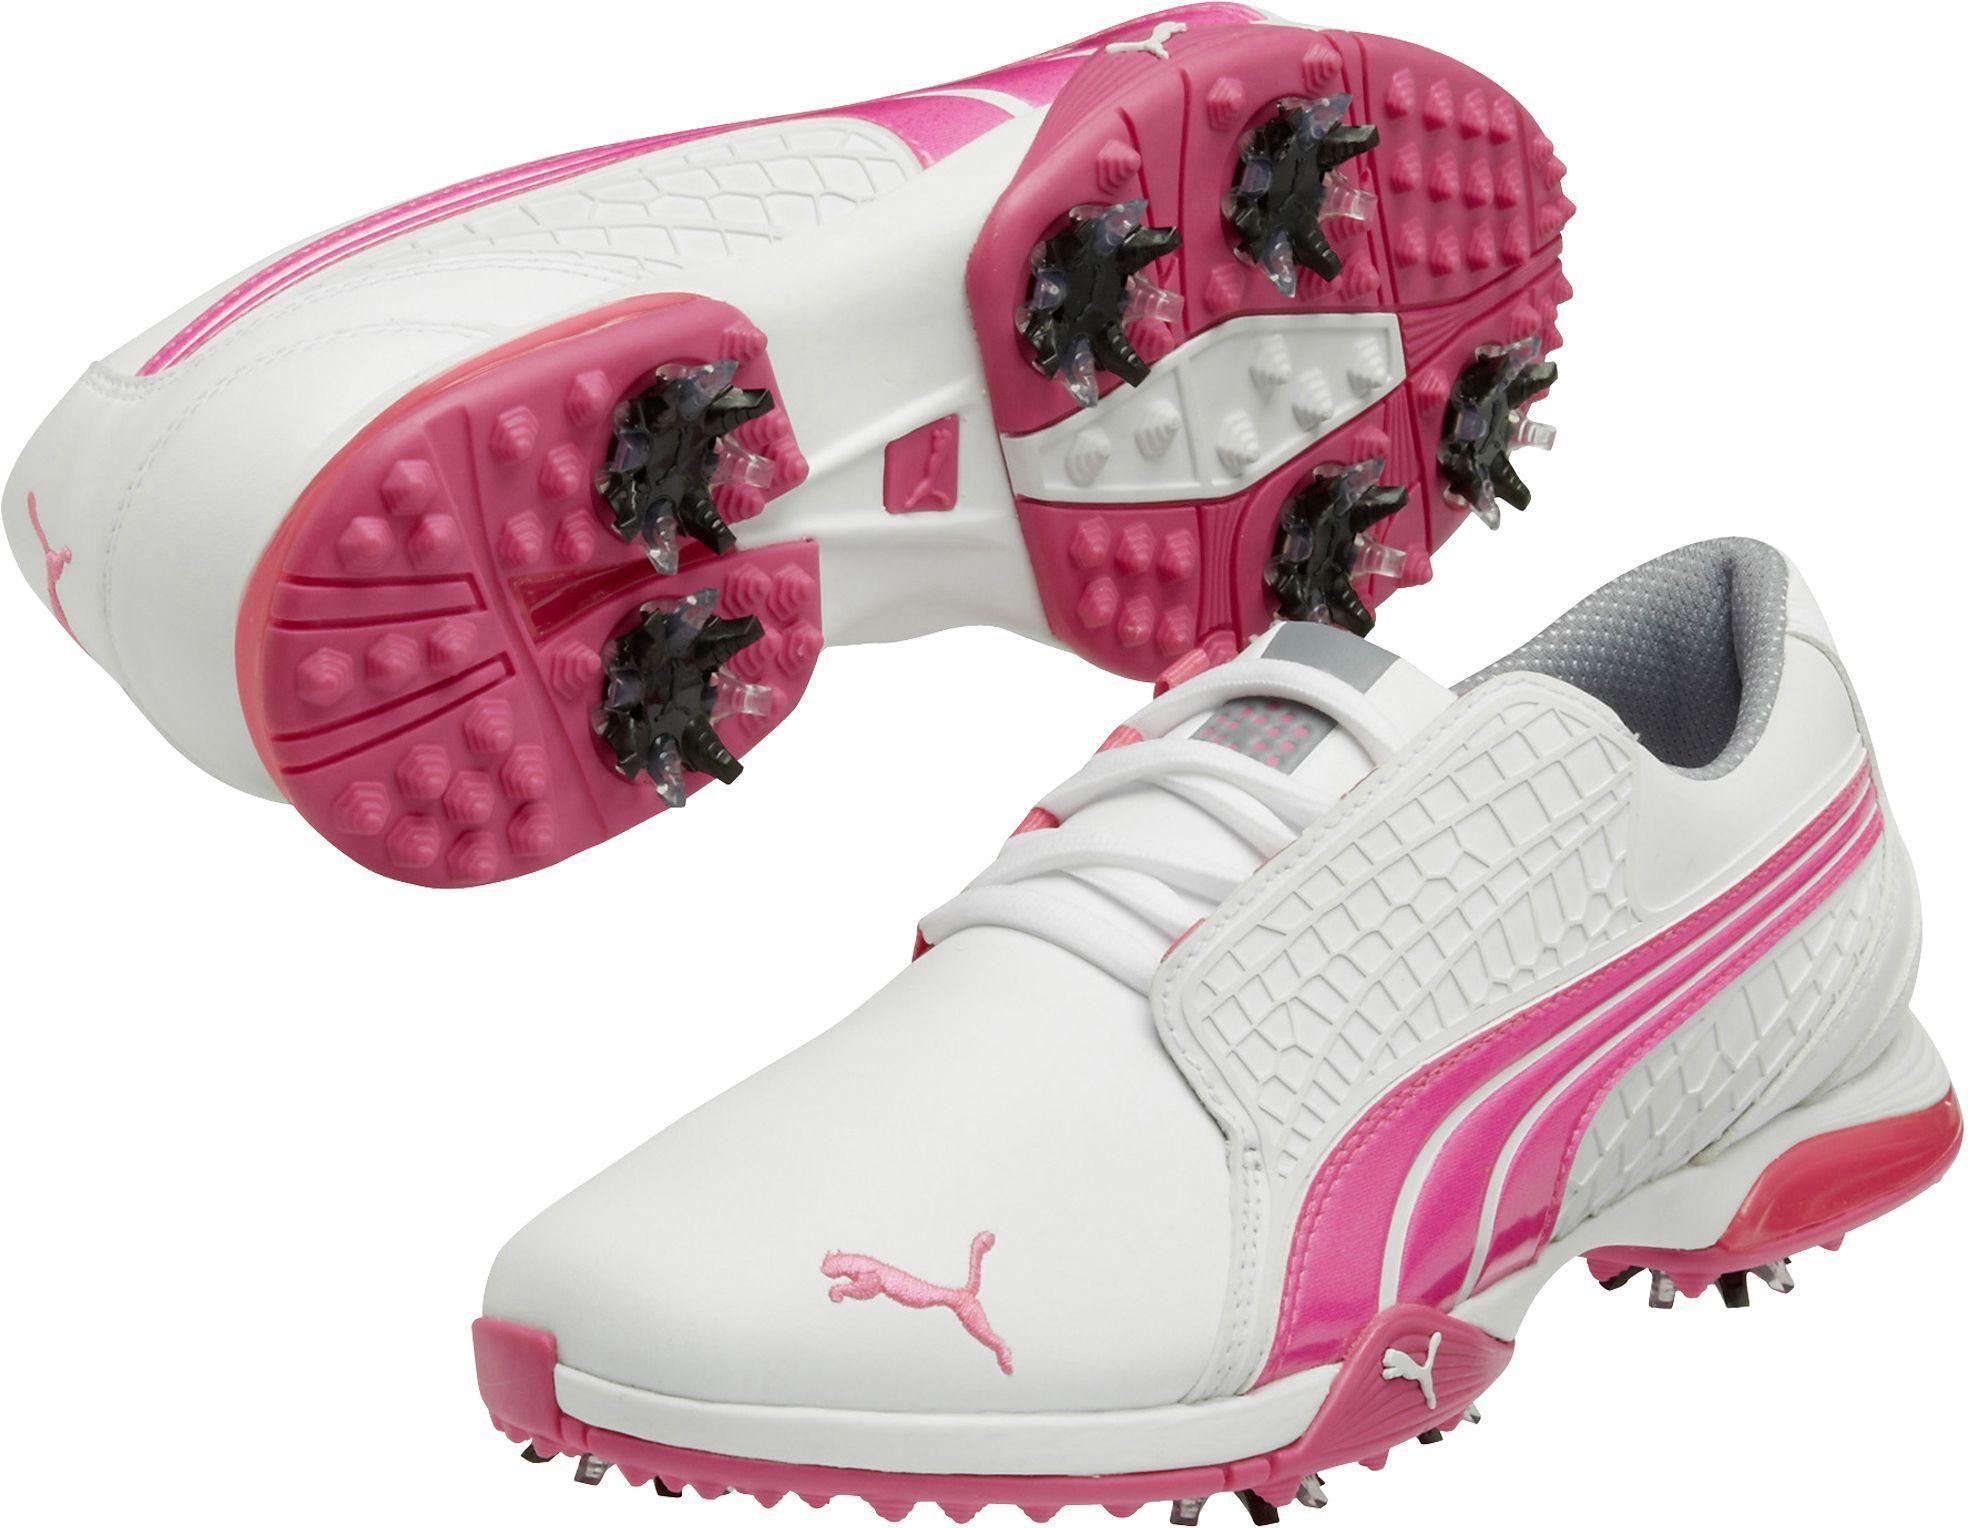 PUMA Women's BIOFUSION Golf Shoes